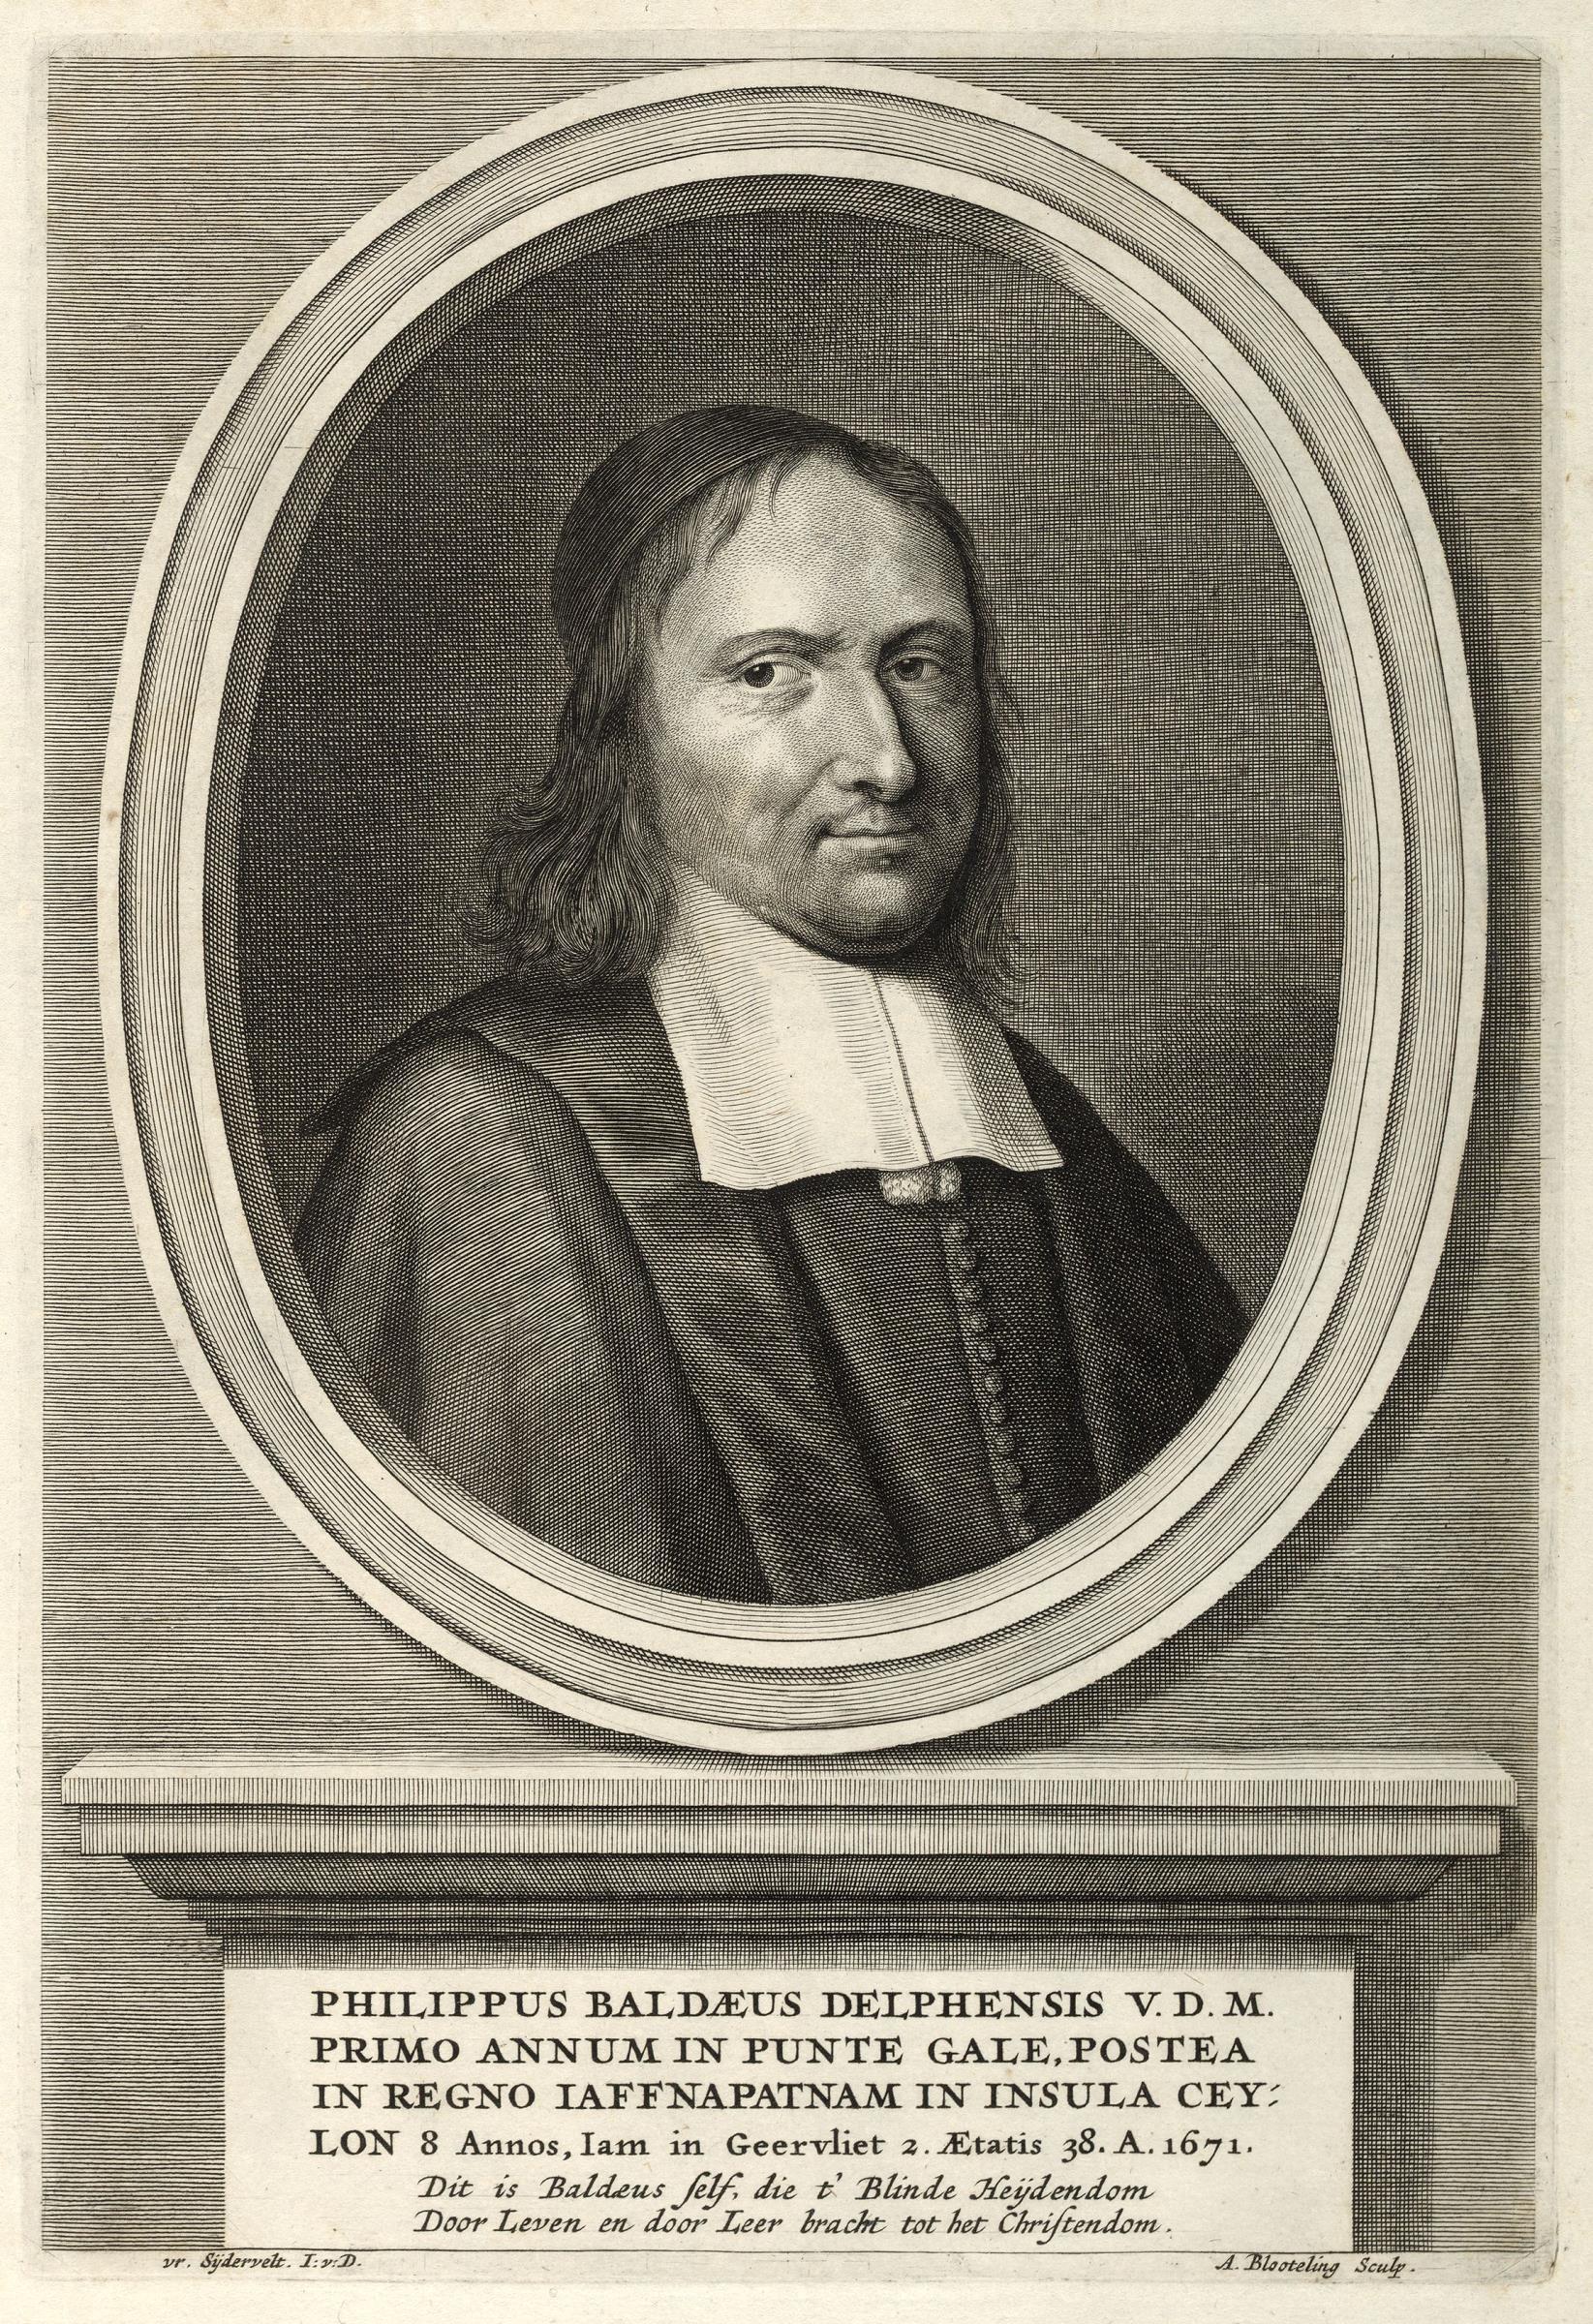 Philippus Baldaeus